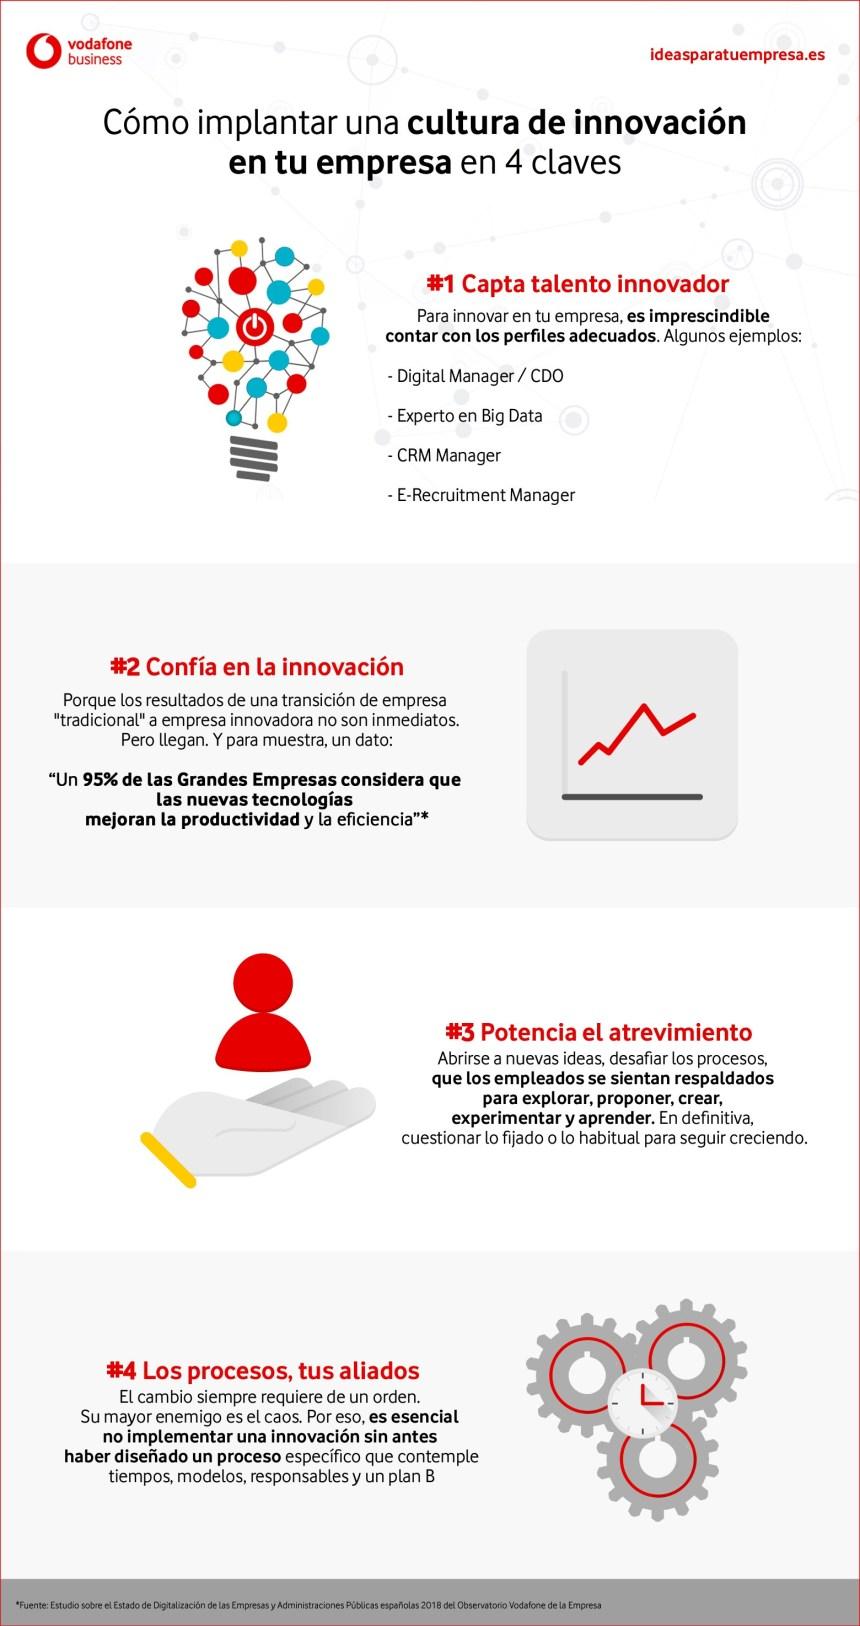 4 claves para implantar una cultura de innovación en tu empresa #infografia #infographic